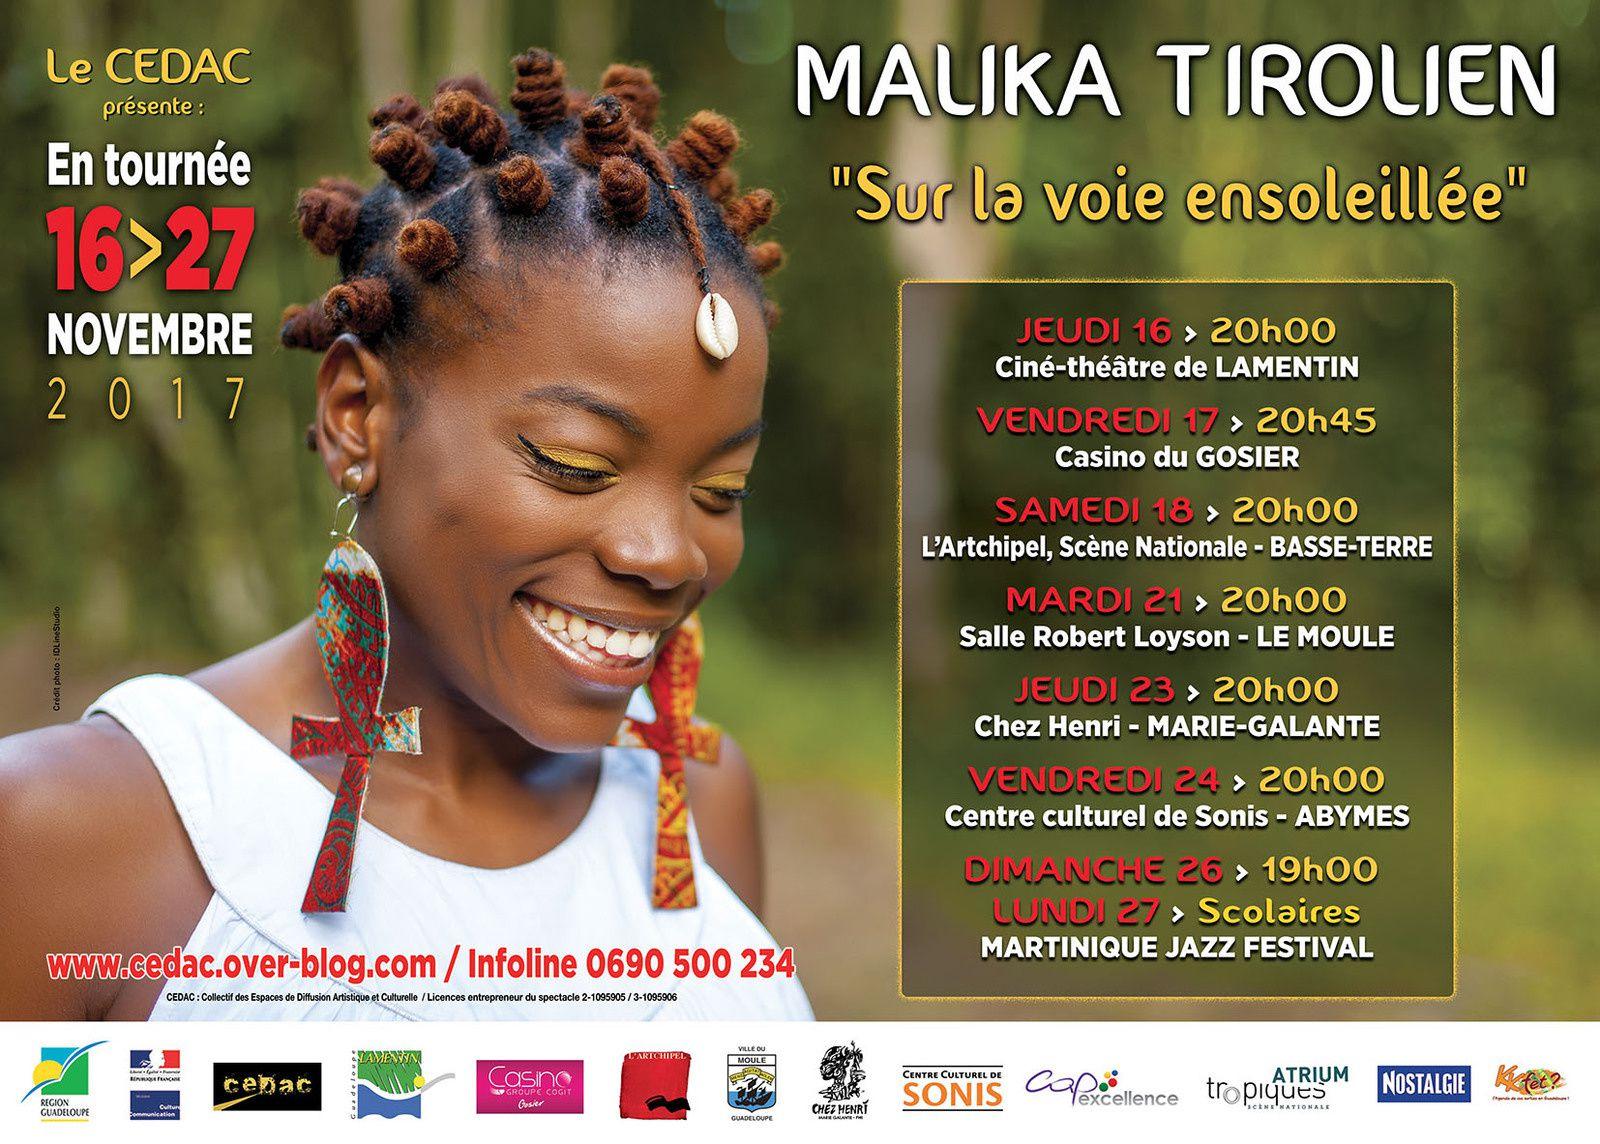 Le retour au pays de MALIKA TIROLIEN pour une tournée CEDAC du 16 au 27 novembre prochain: